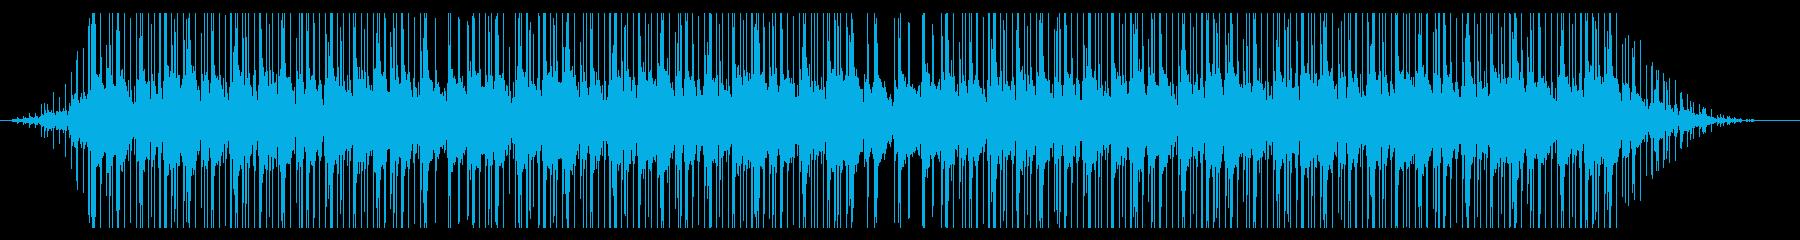 Lofi Hiphop 勉強用 Eピアノの再生済みの波形